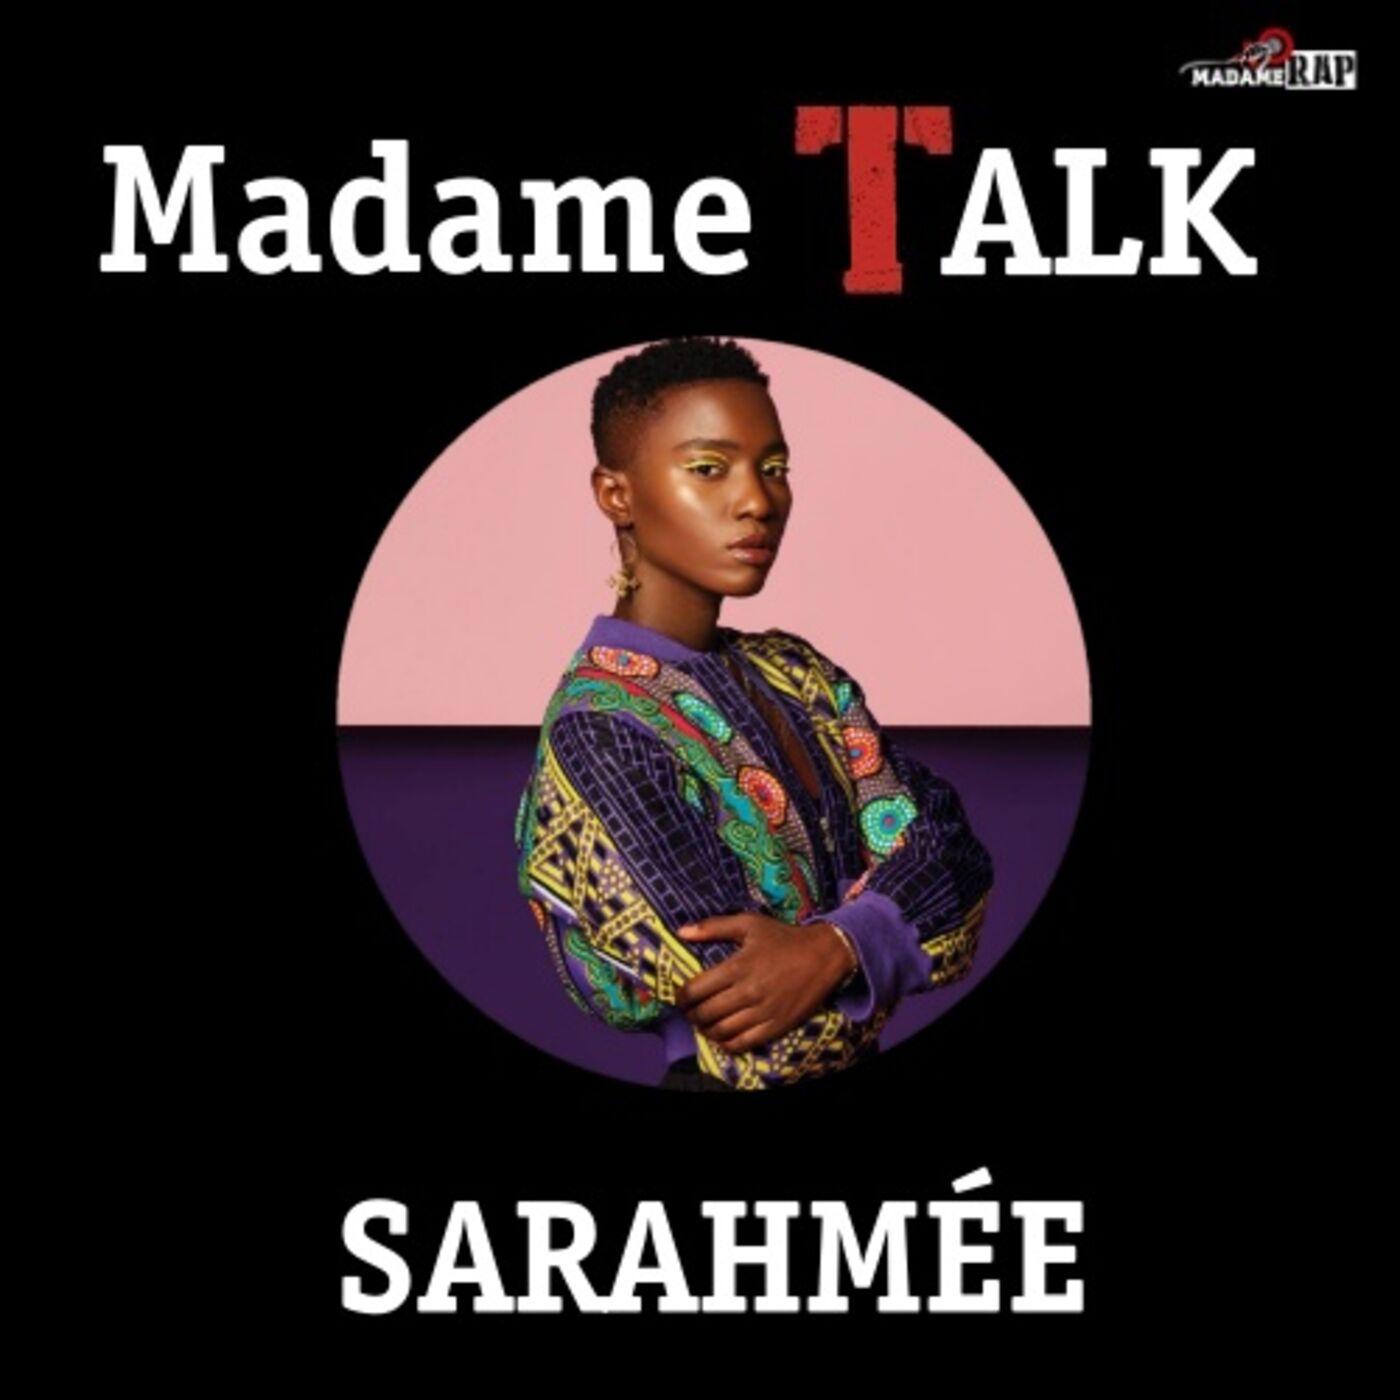 Madame Talk x Sarahmée